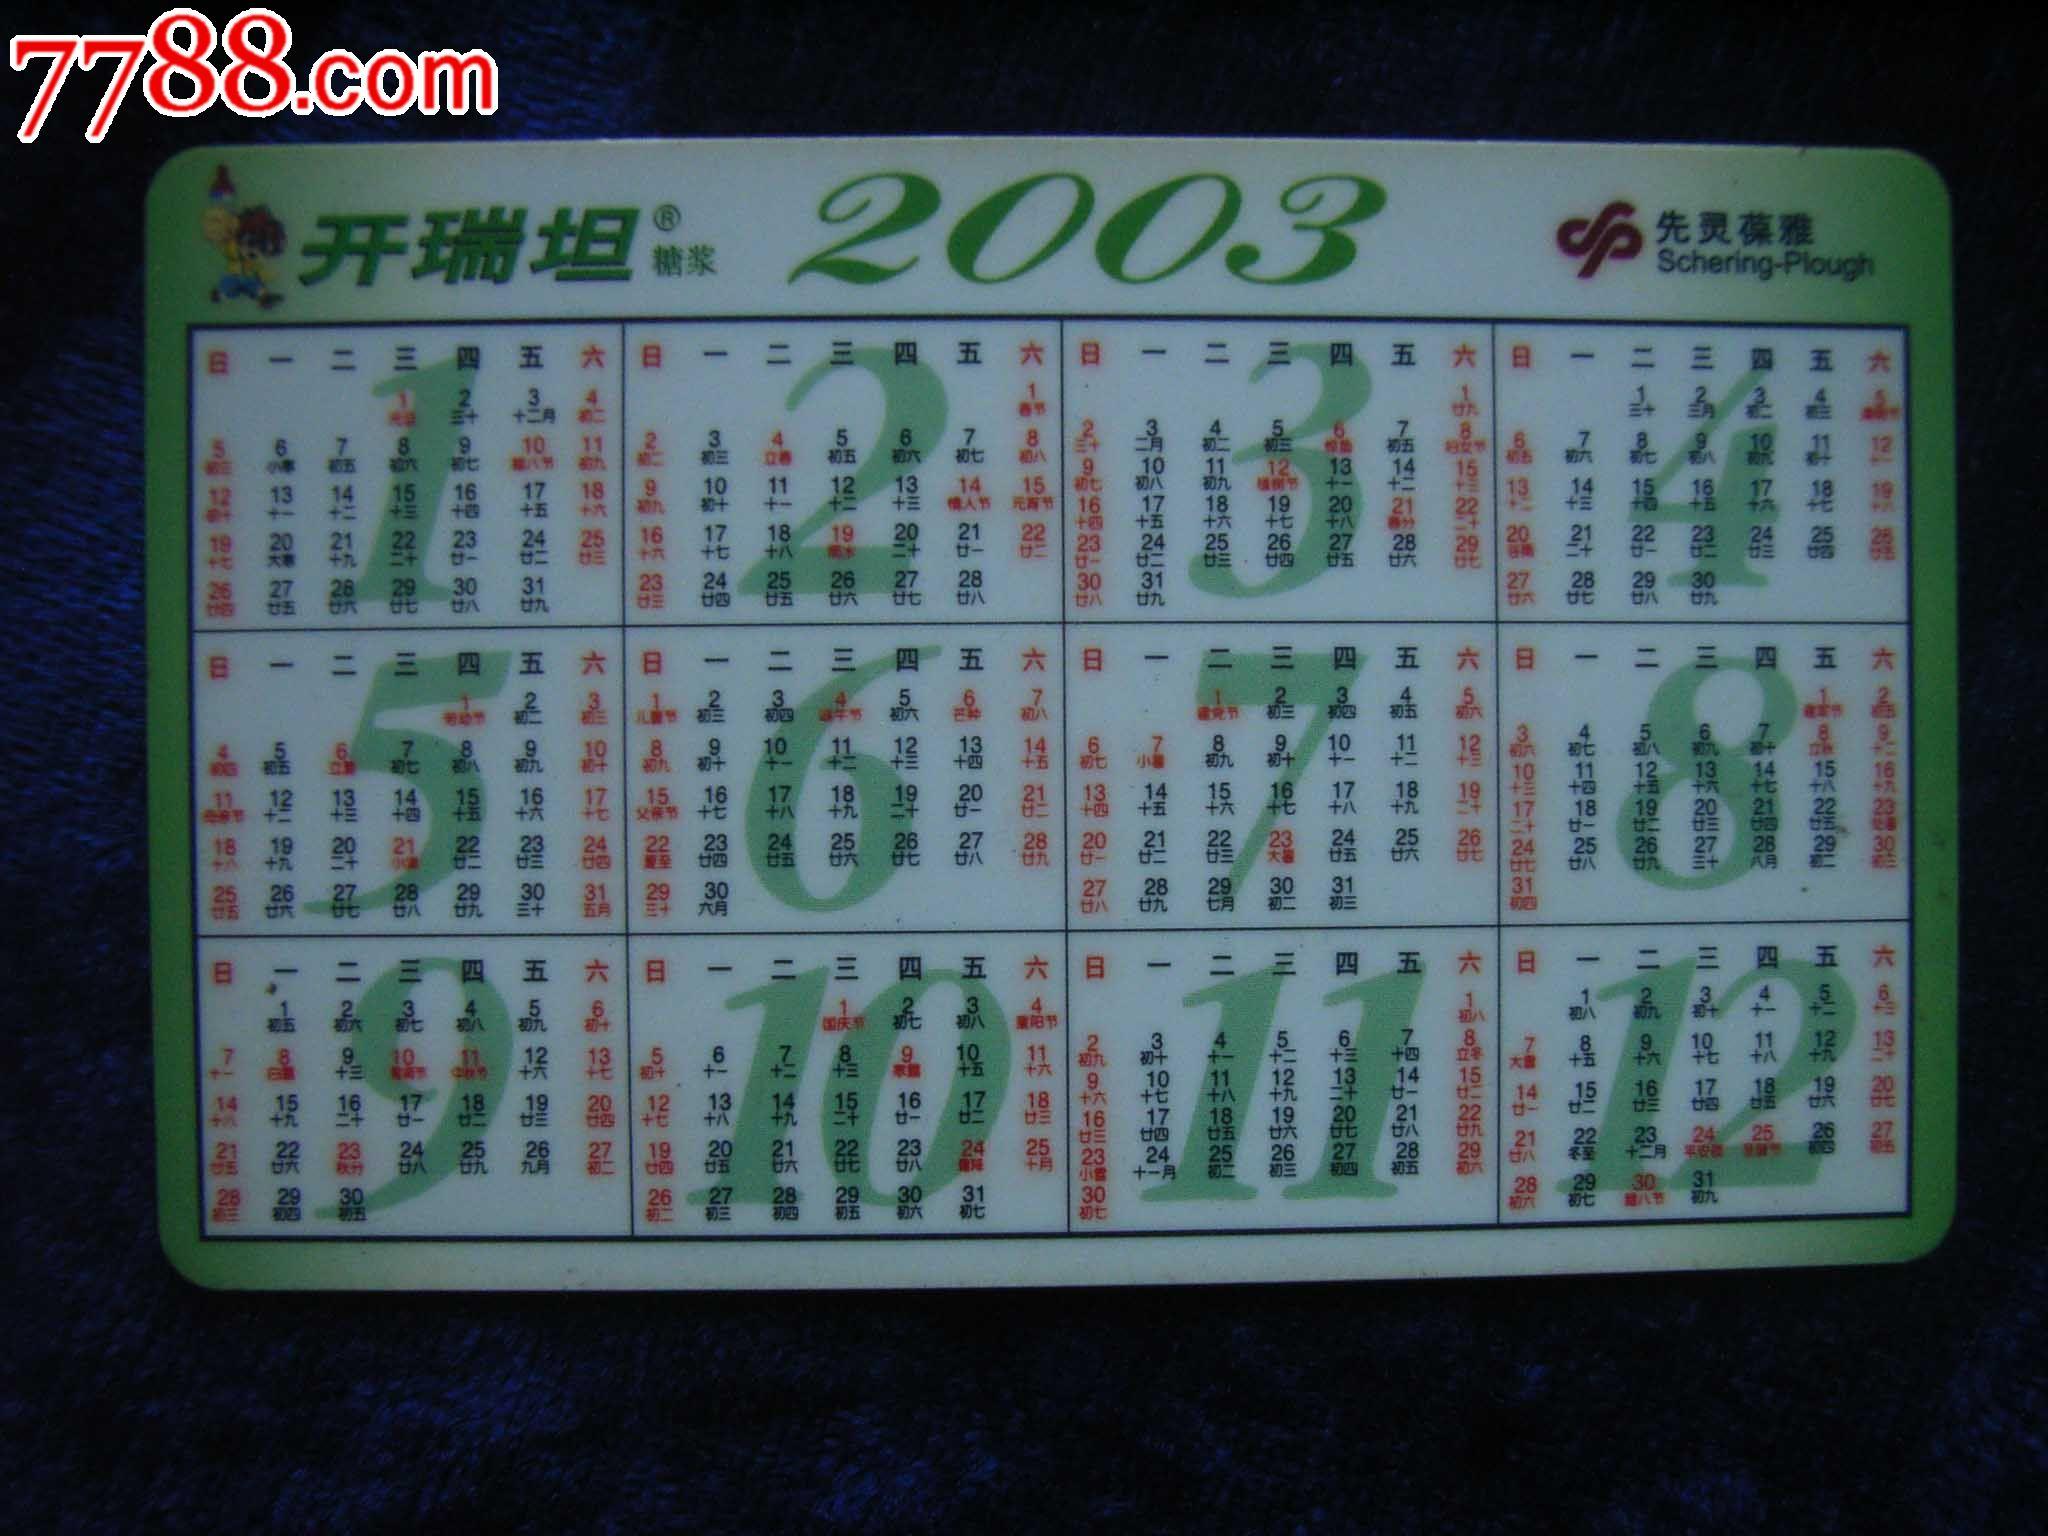 开瑞坦糖浆-价格:1.2元-se19261843-年历卡\/片